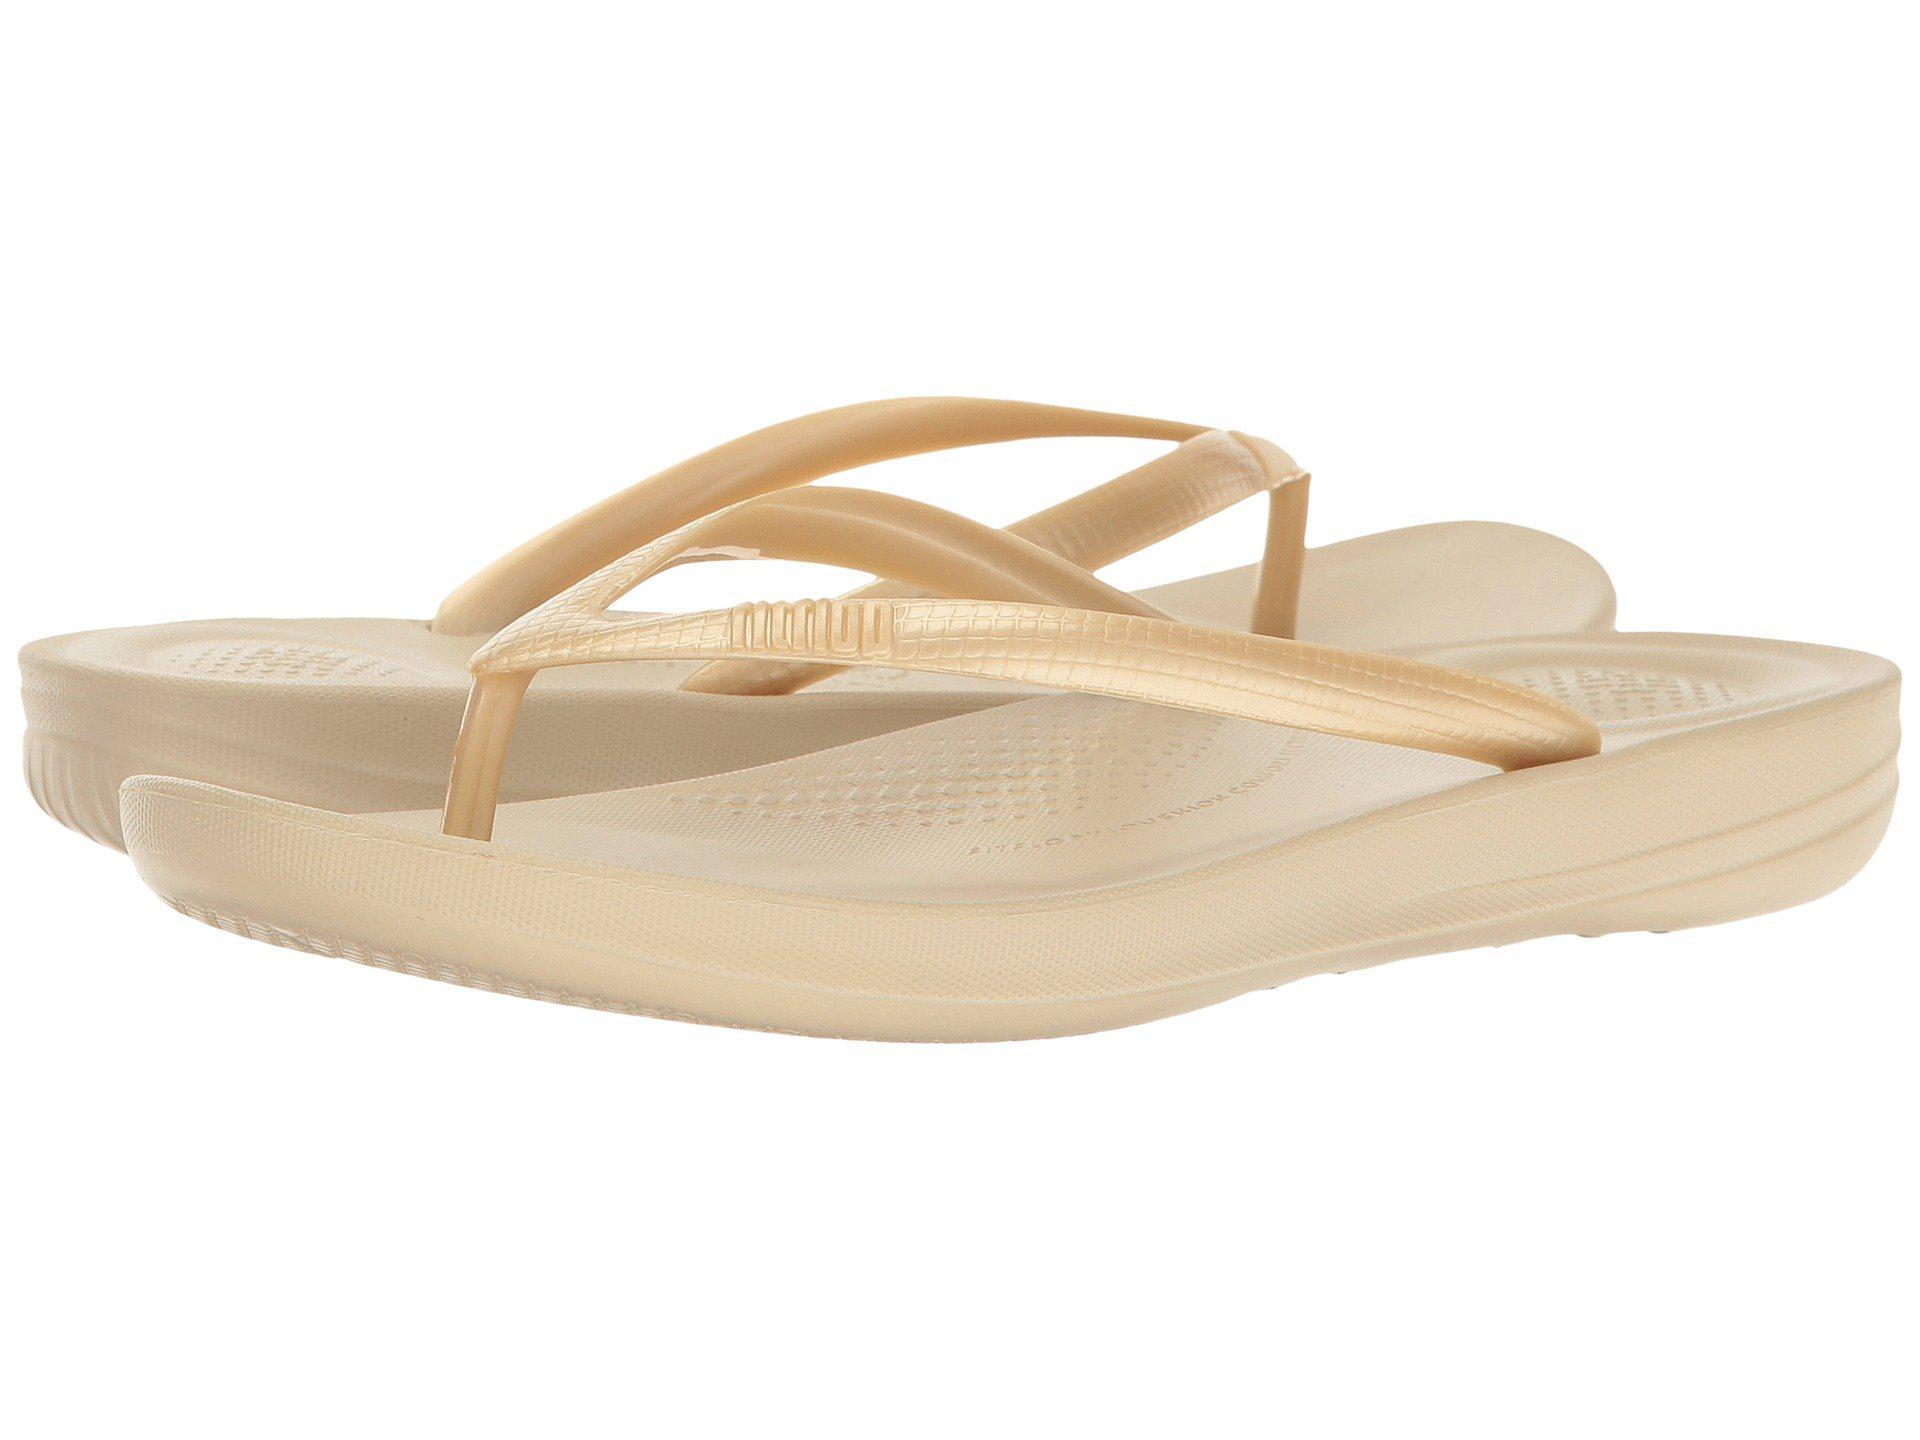 785c259d28c Lyst - Fitflop Iqushion Ergonomic Flip-flop (gold) Women s Sandals ...